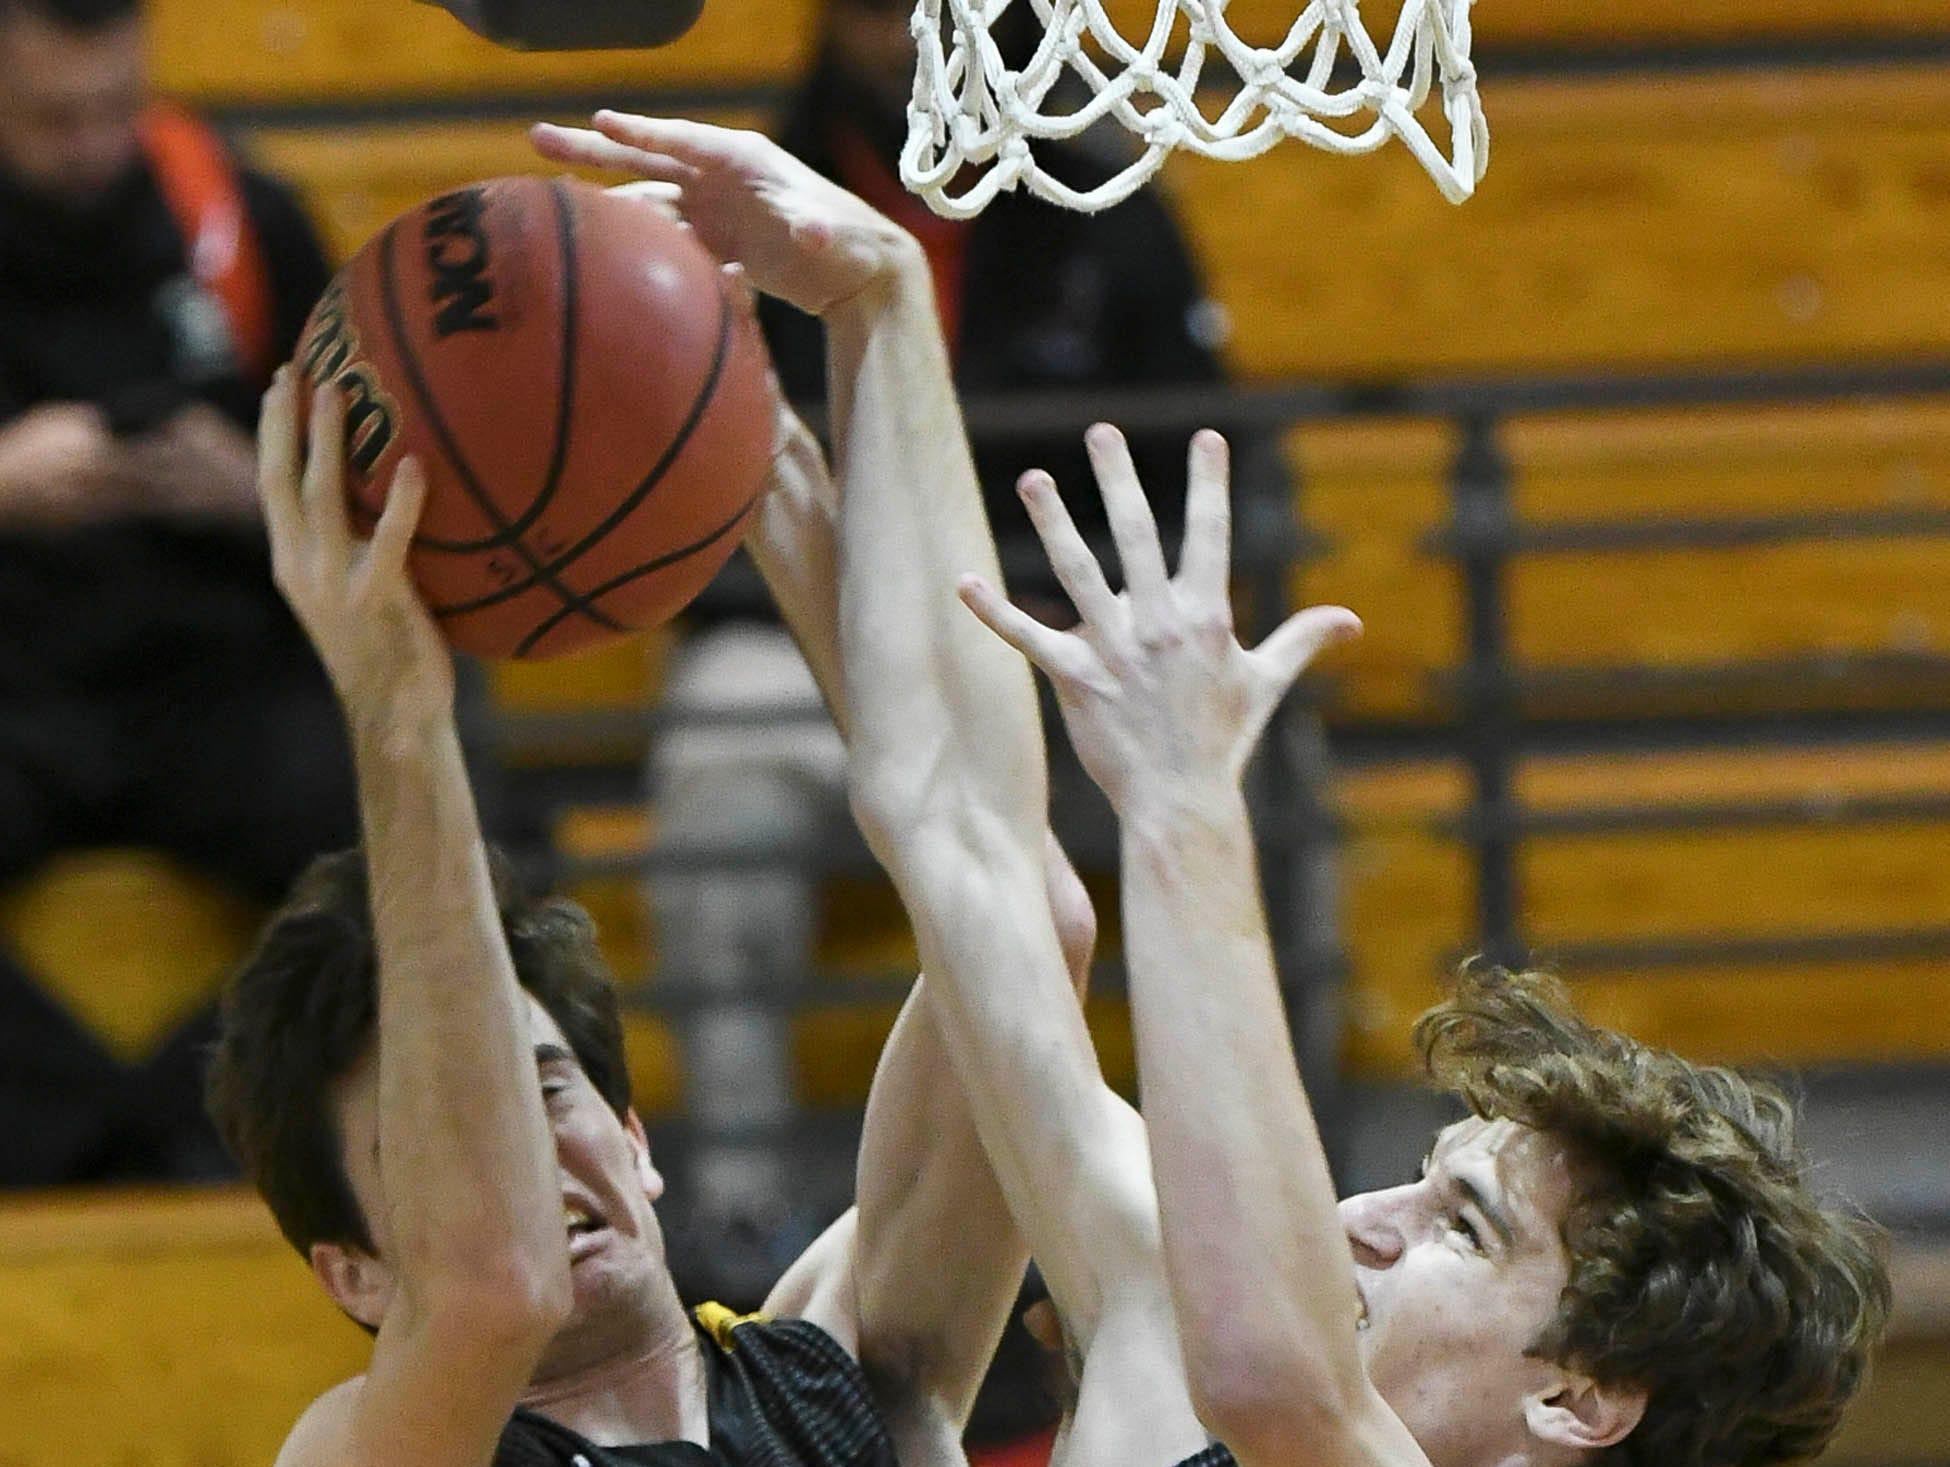 John Michael Zepp and Hayden Wall of Merritt Island rebound the ball during Tuesday's District 14-6A boys basketball tournament.